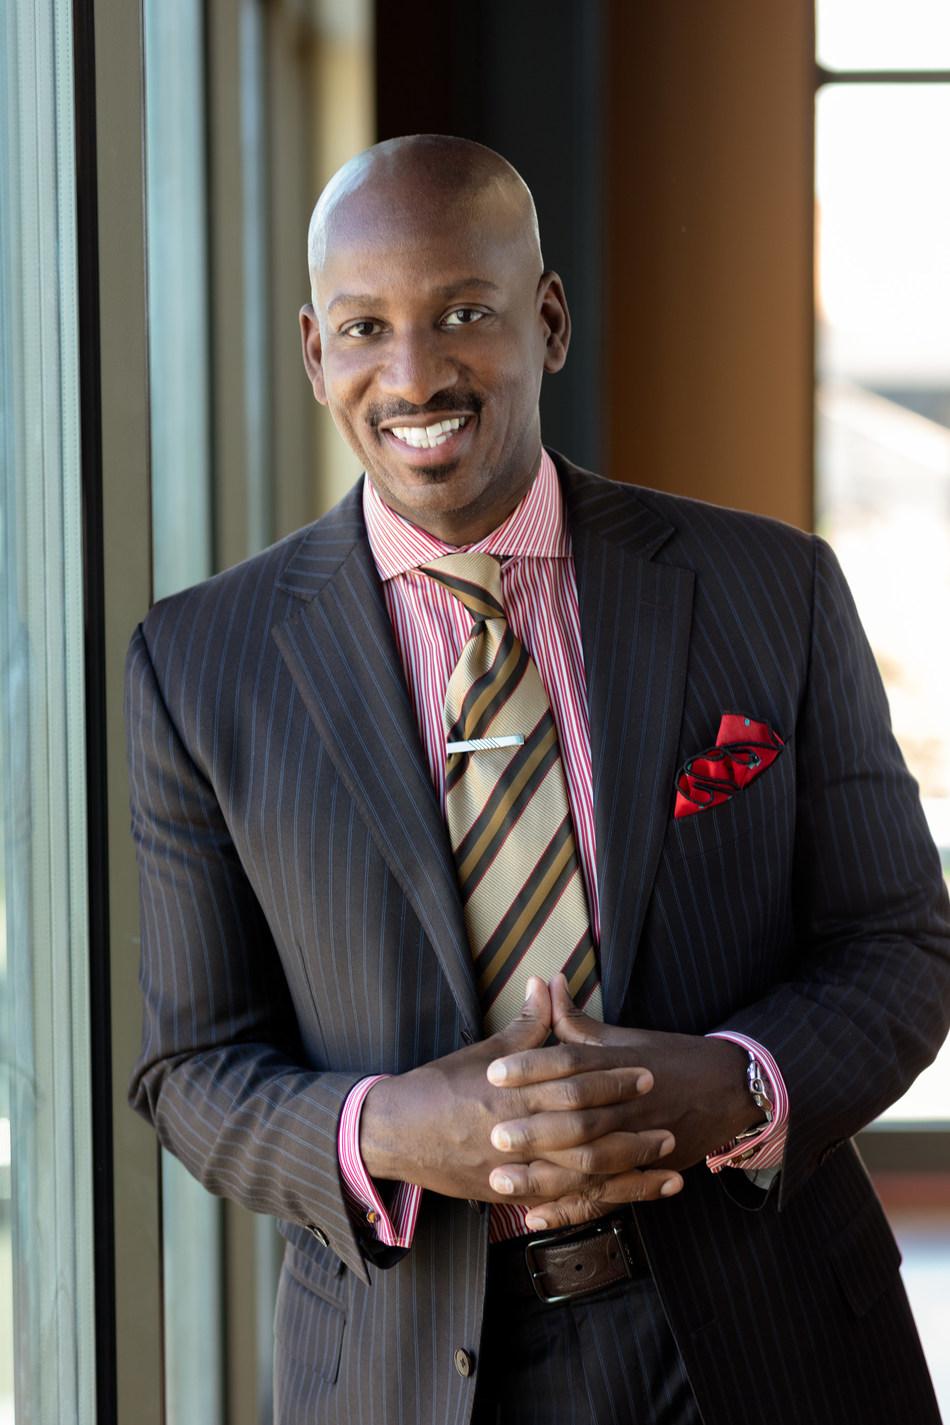 Irvin Bishop, Jr., vice-presidente-executivo de planejamento digital e estratégico da Young Living Essential Oils (PRNewsfoto/Young Living Essential Oils)